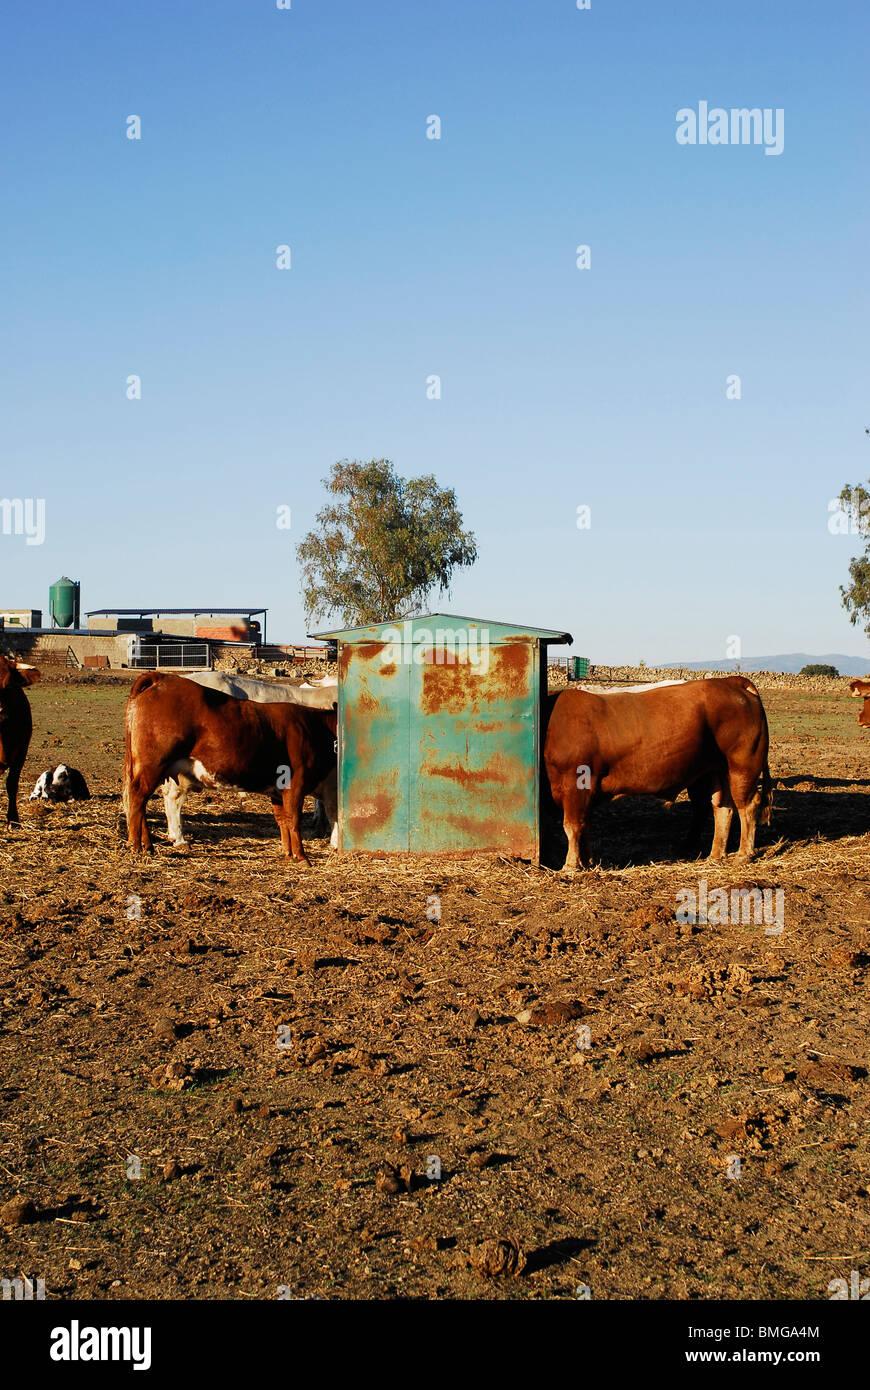 Vacas en la provincia de Caceres. Extremadura, España. Cows. Caceres province, Extremadura region, Spain - Stock Image